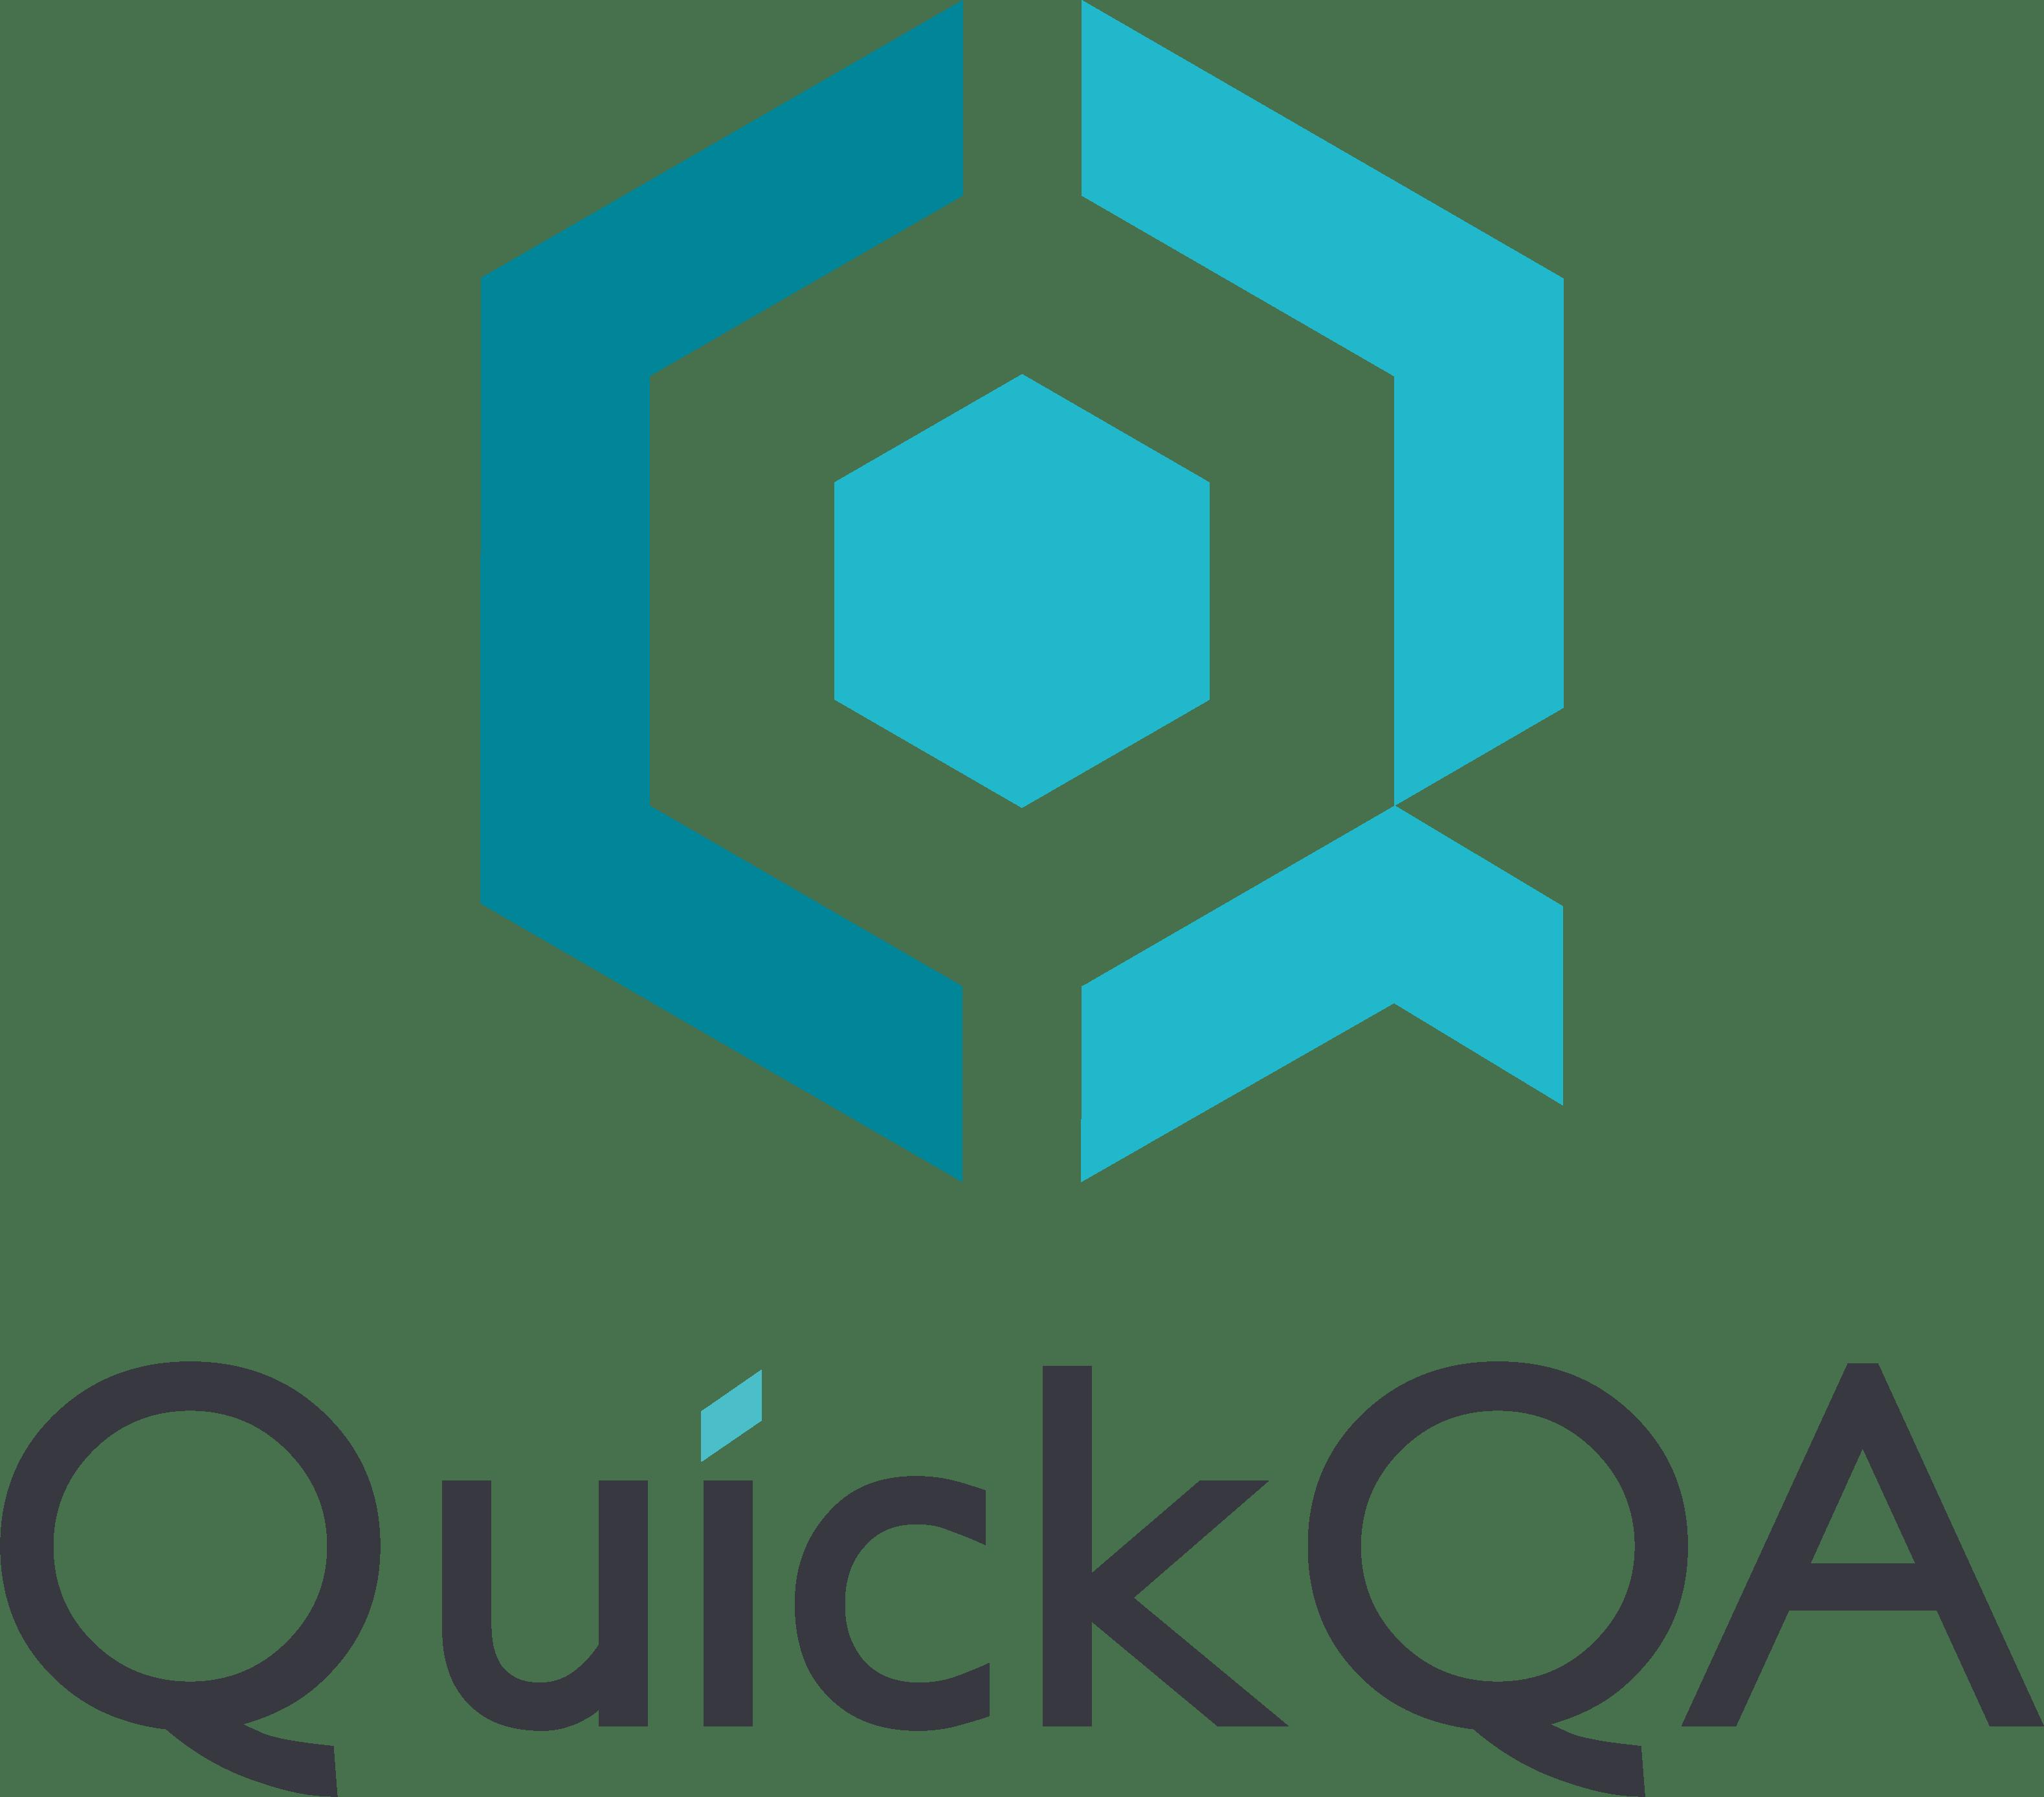 チャットボットQUICKQA AI・人工知能製品・サービス・ソリューション・プロダクト・ツールの比較一覧・導入活用事例・資料請求が無料でできるメディア